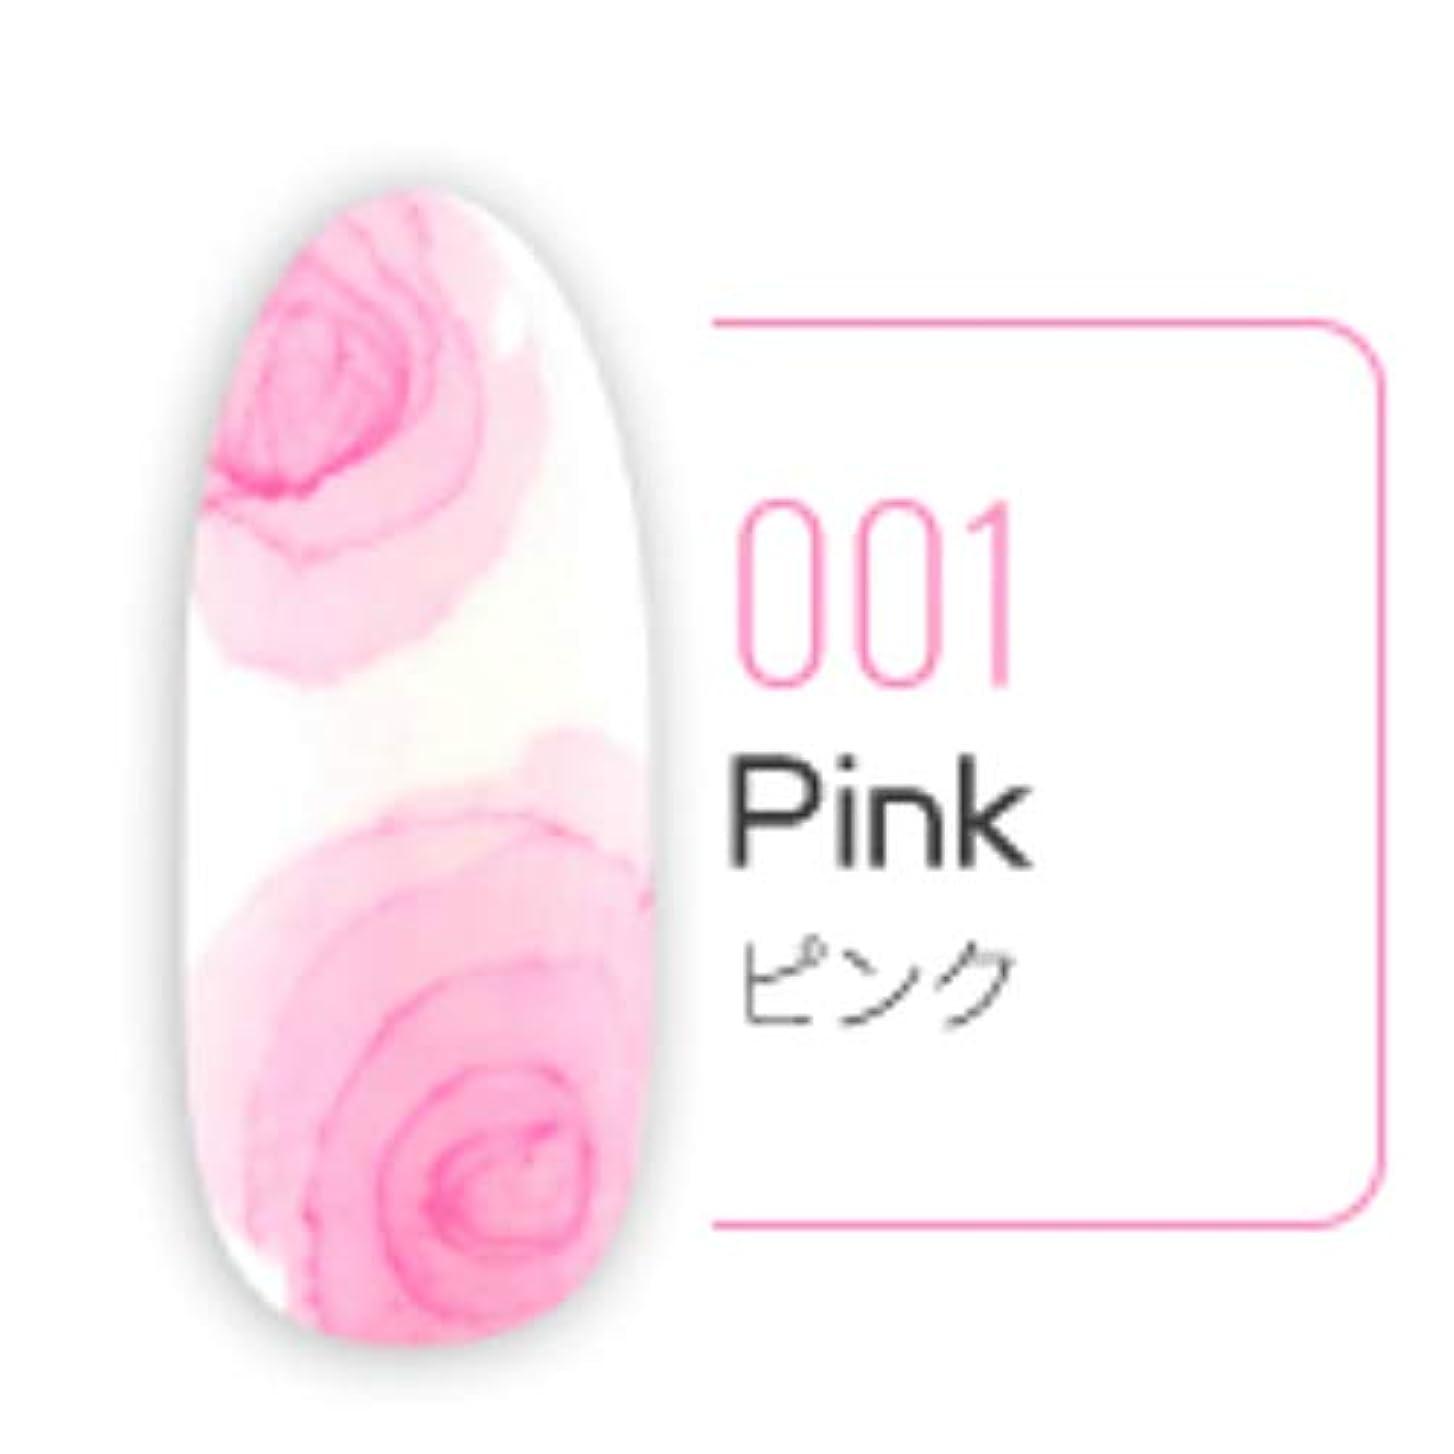 ひねり必要としている埋める【ポリッシュカラージェルプレゼント付き】送料無料 ネイル マーブルリキッド カラーインク 10ml【全12色】 (Pink)